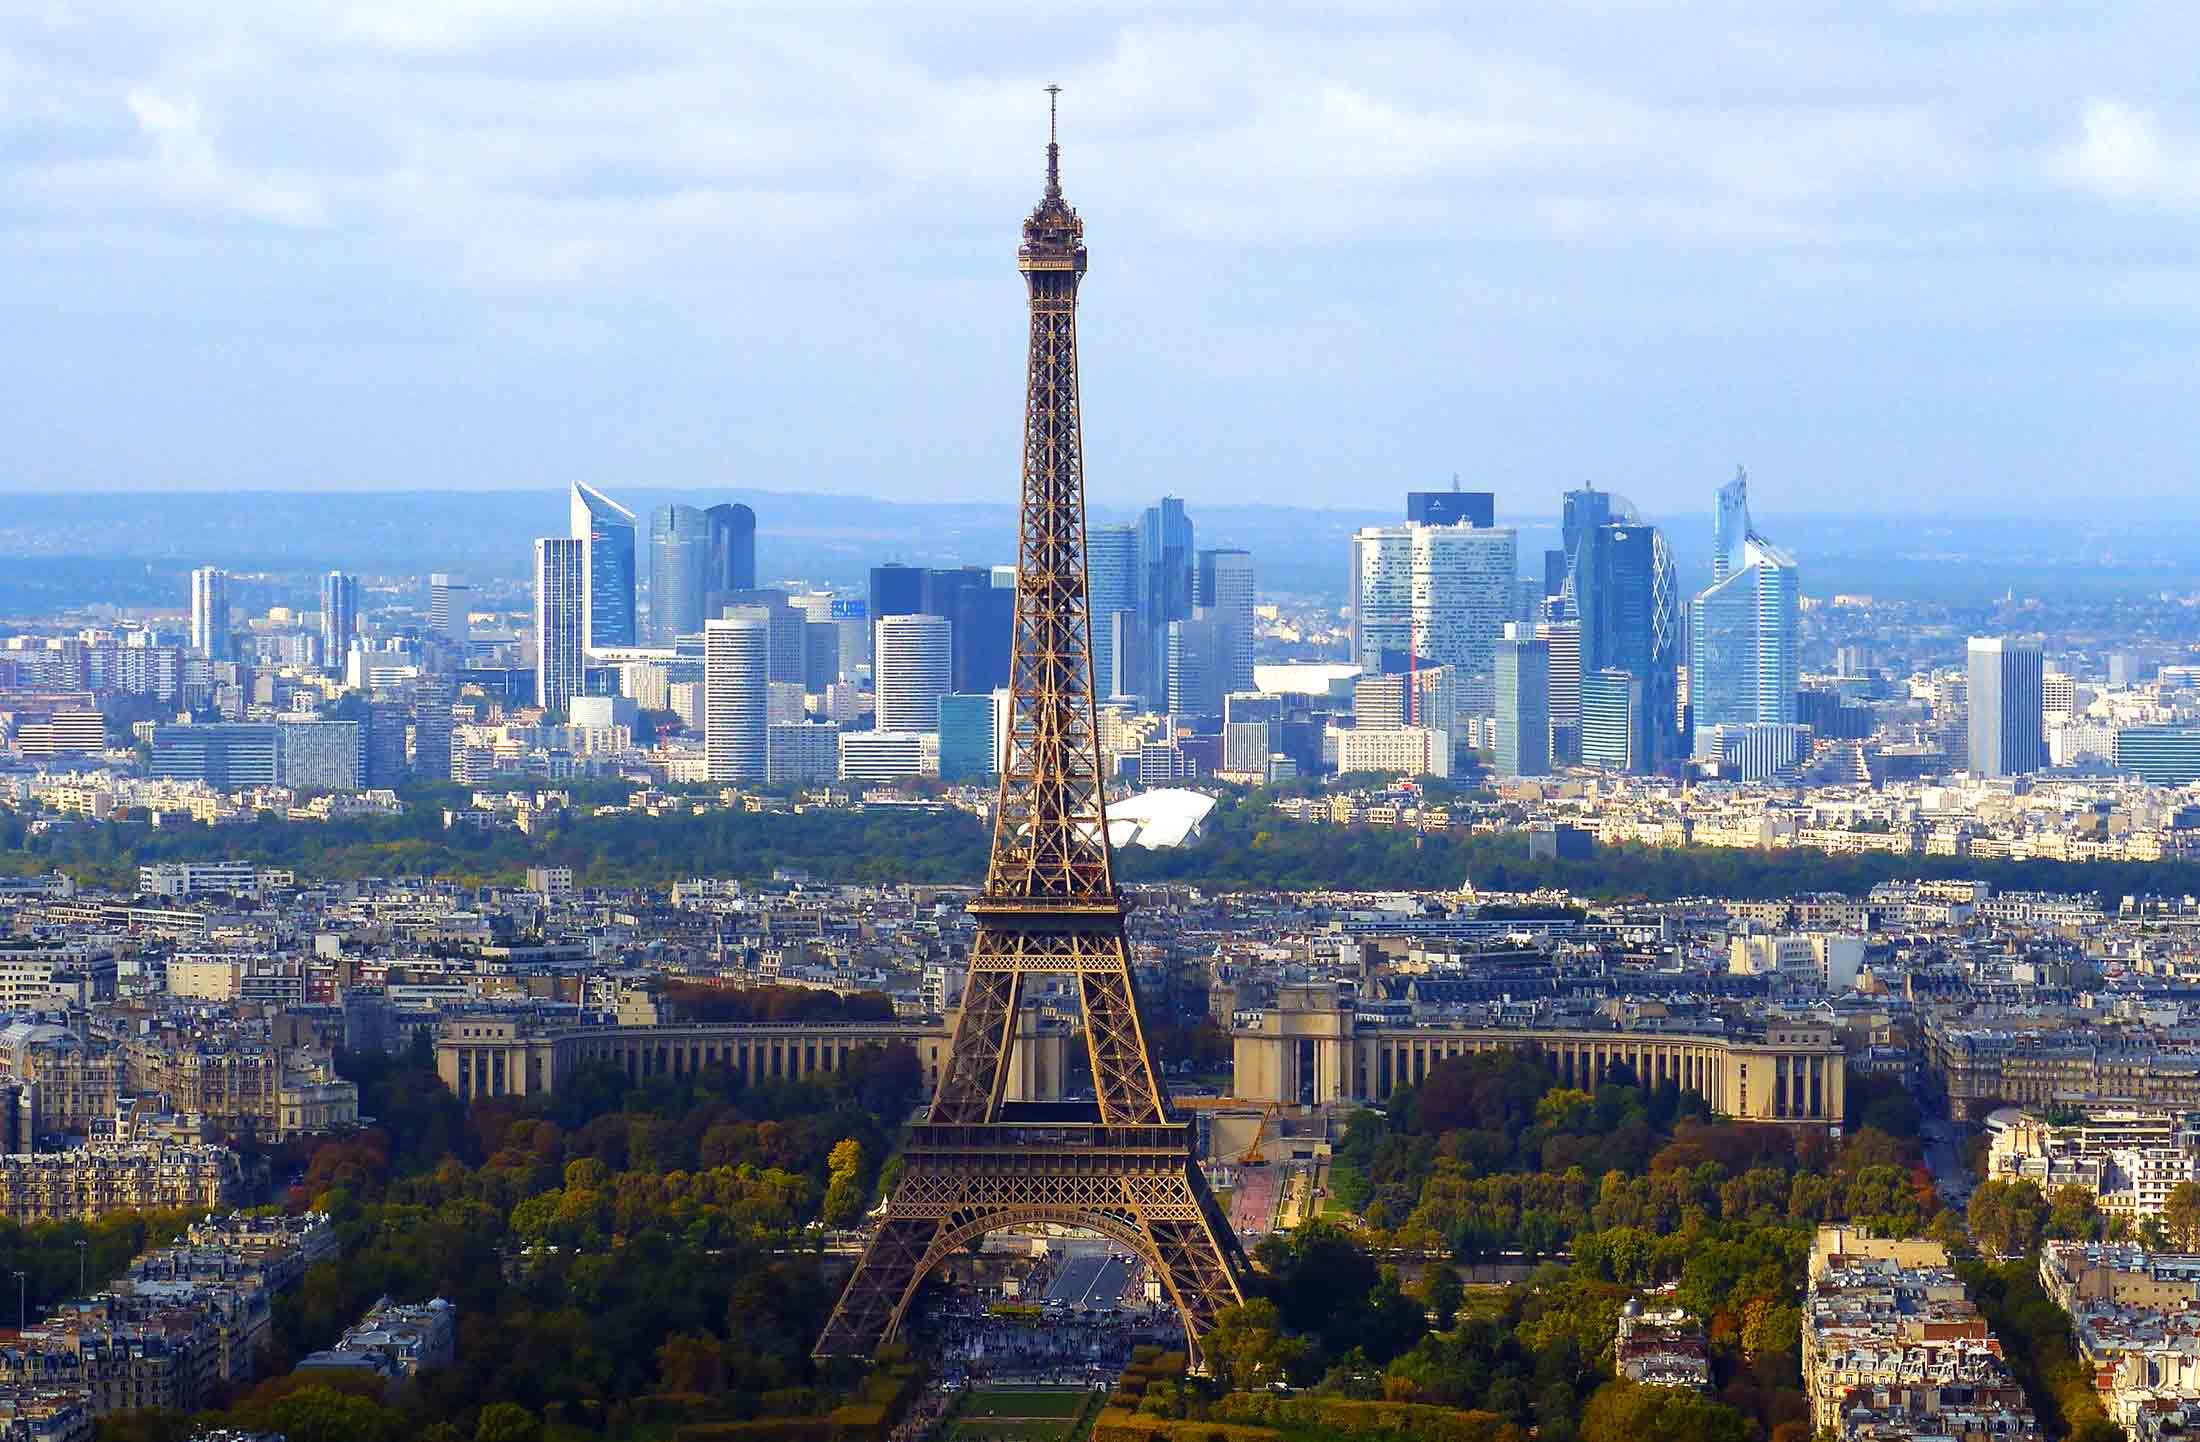 【法国】【比利时】【瑞士】【德国】【荷兰】环比西欧五国:法、比、瑞、德、荷5国10天